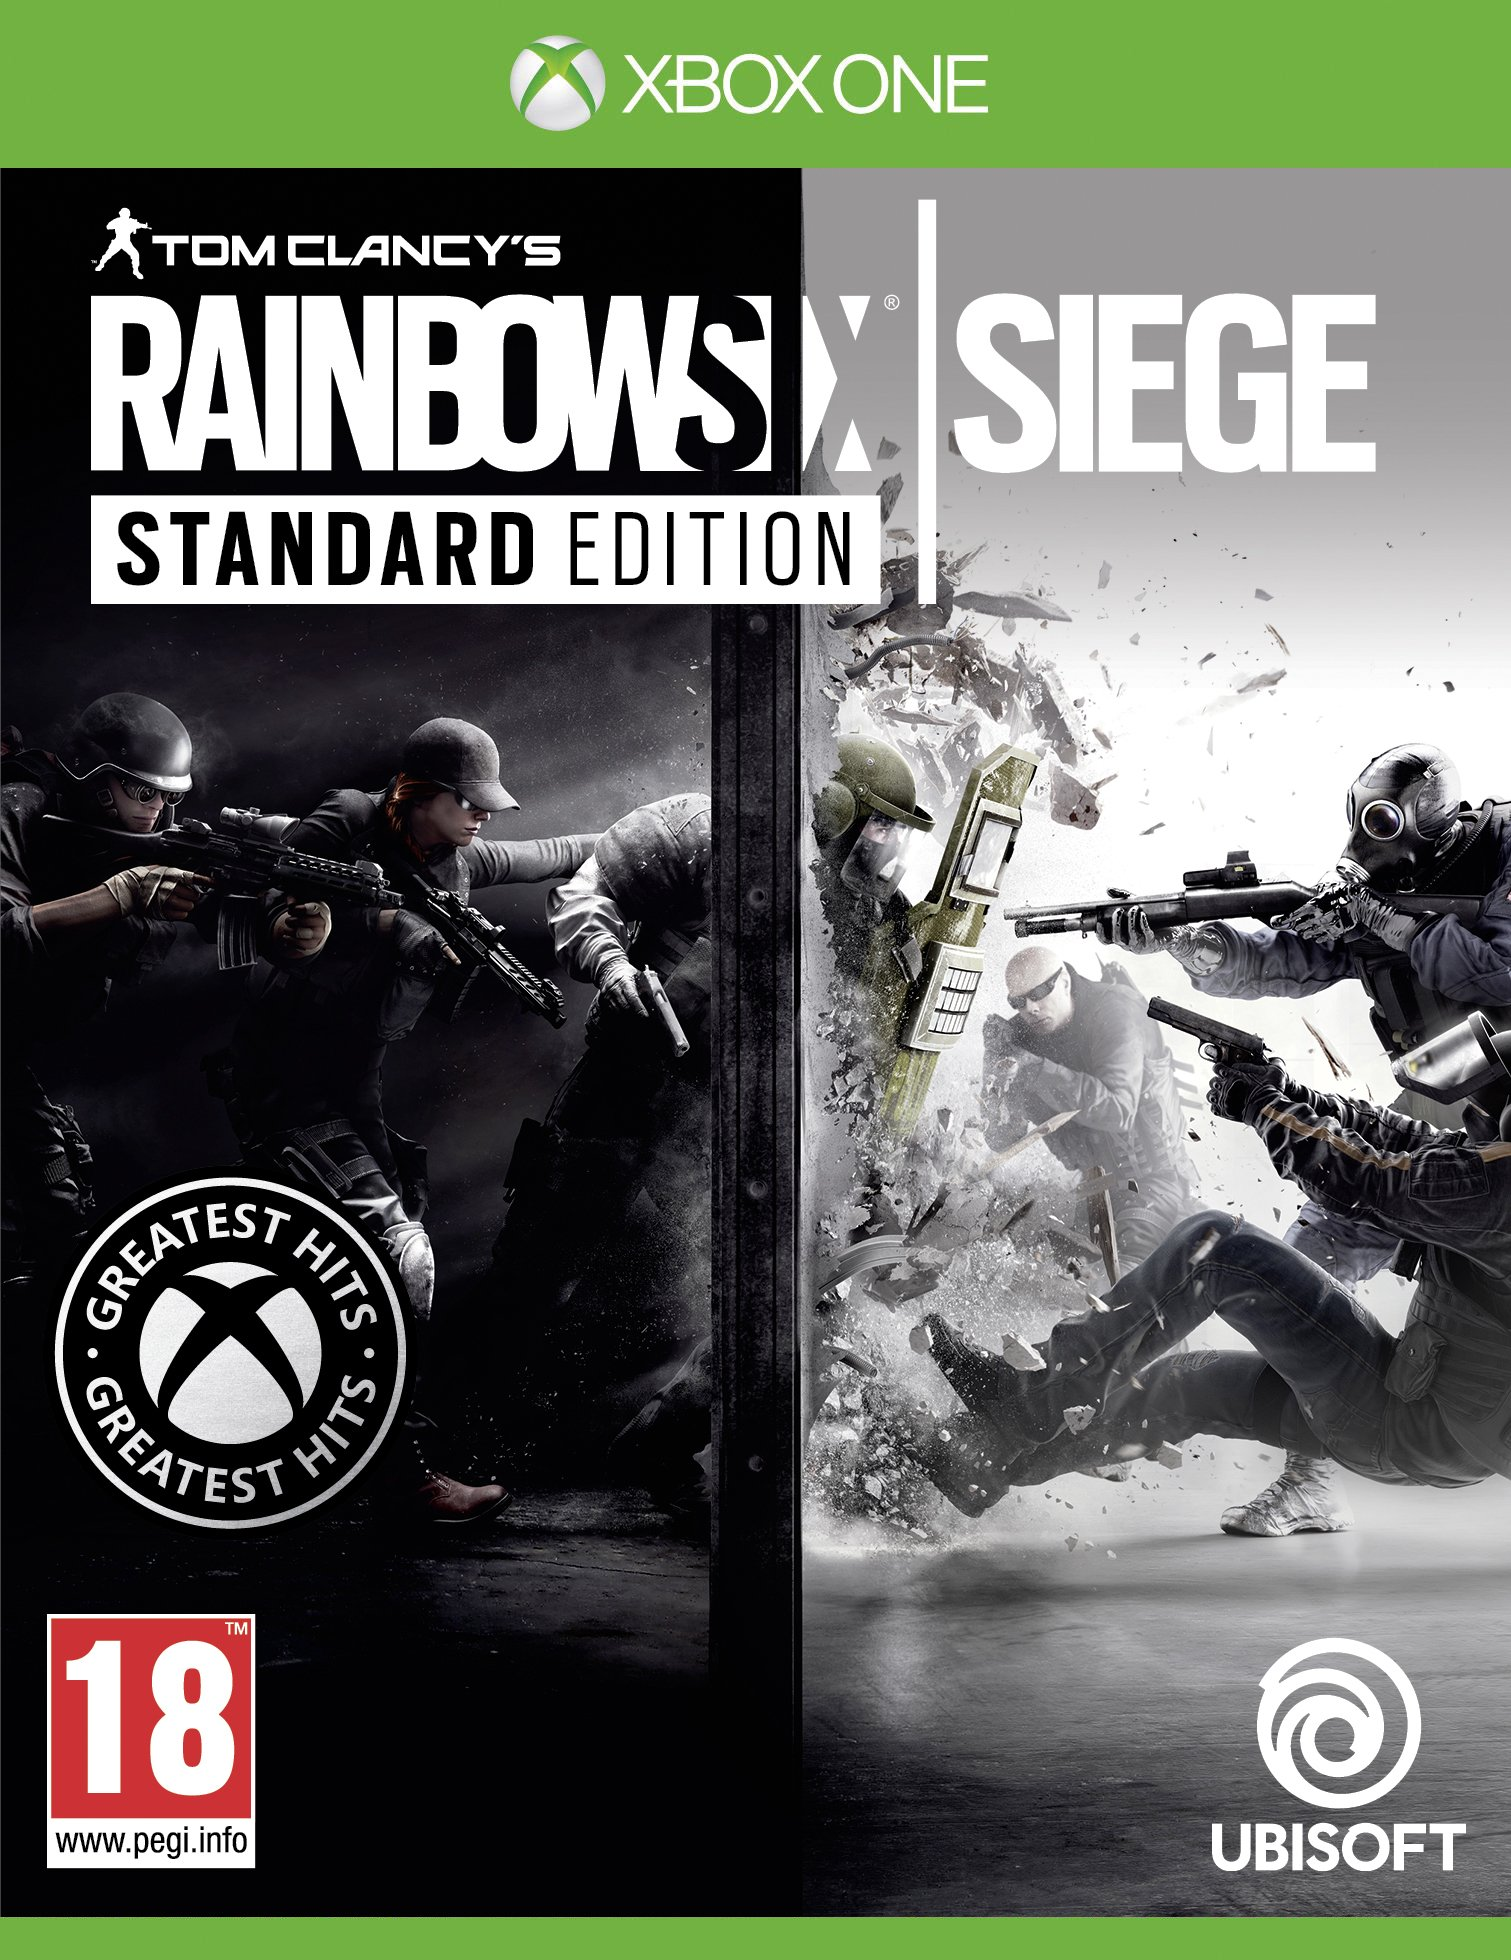 Tom Clancy's Rainbow Six Siege (Xbox One) product image